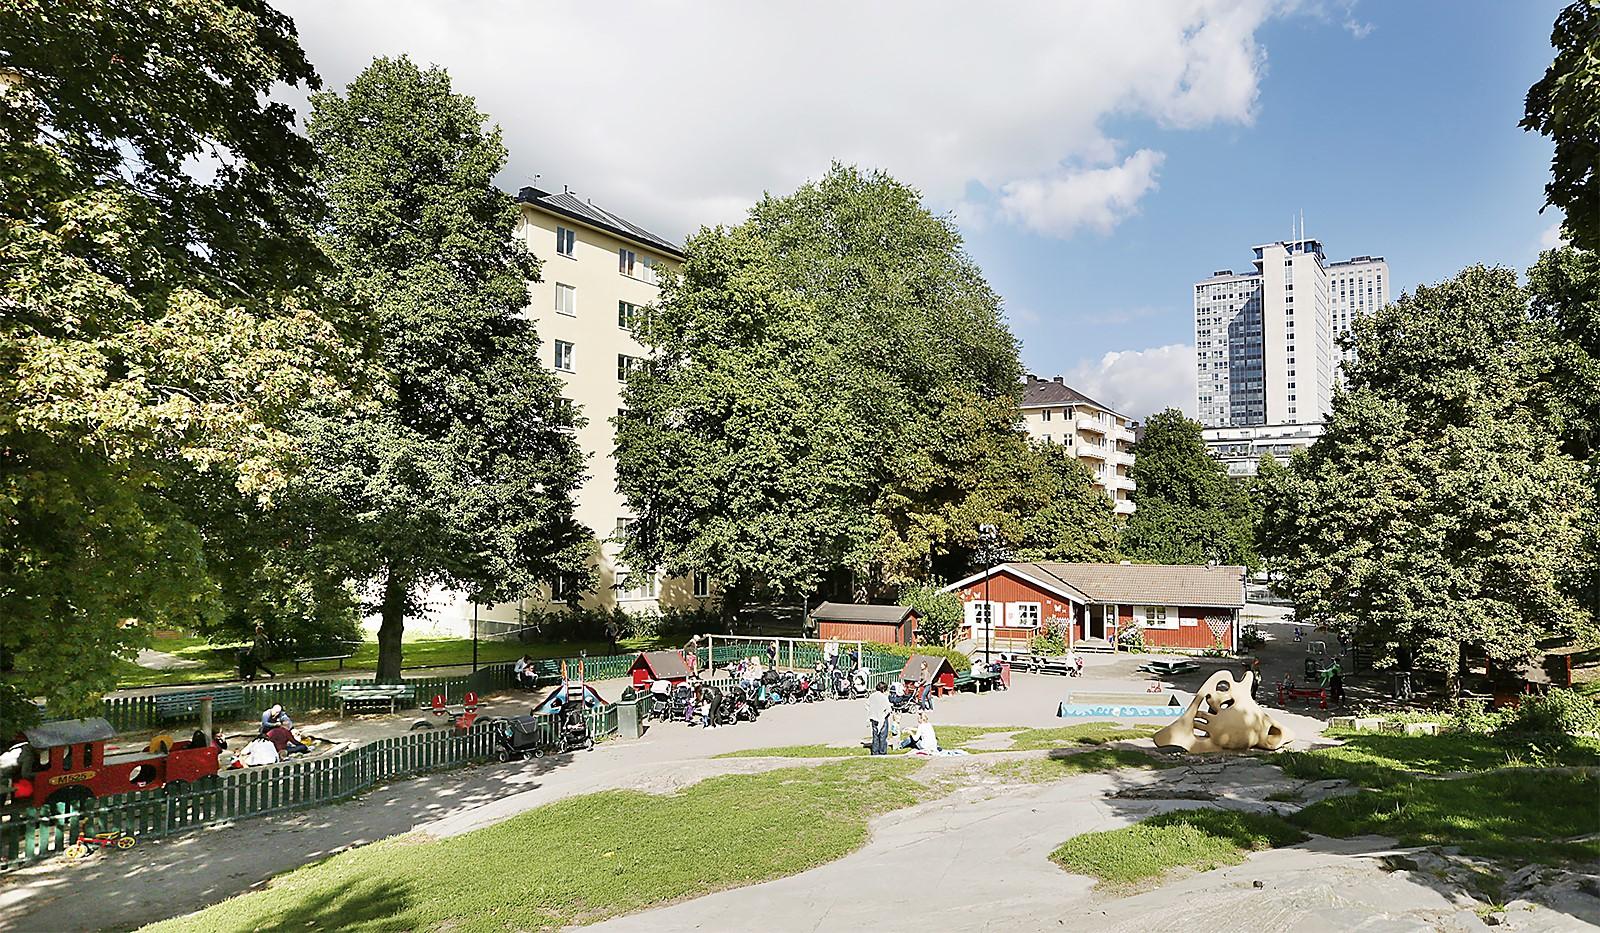 Siargatan 9, 3 tr - Rosenlundsparken, även kallad Skånegläntan